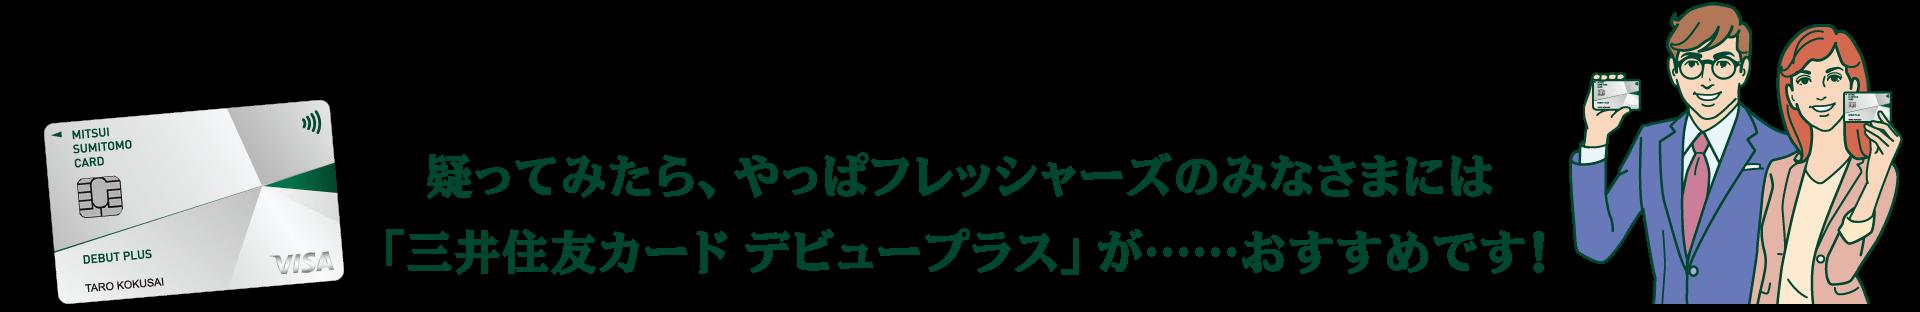 疑ってみたら、やっぱフレッシャーズのみなさまには「三井住友カード デビュープラス」が……おすすめです!